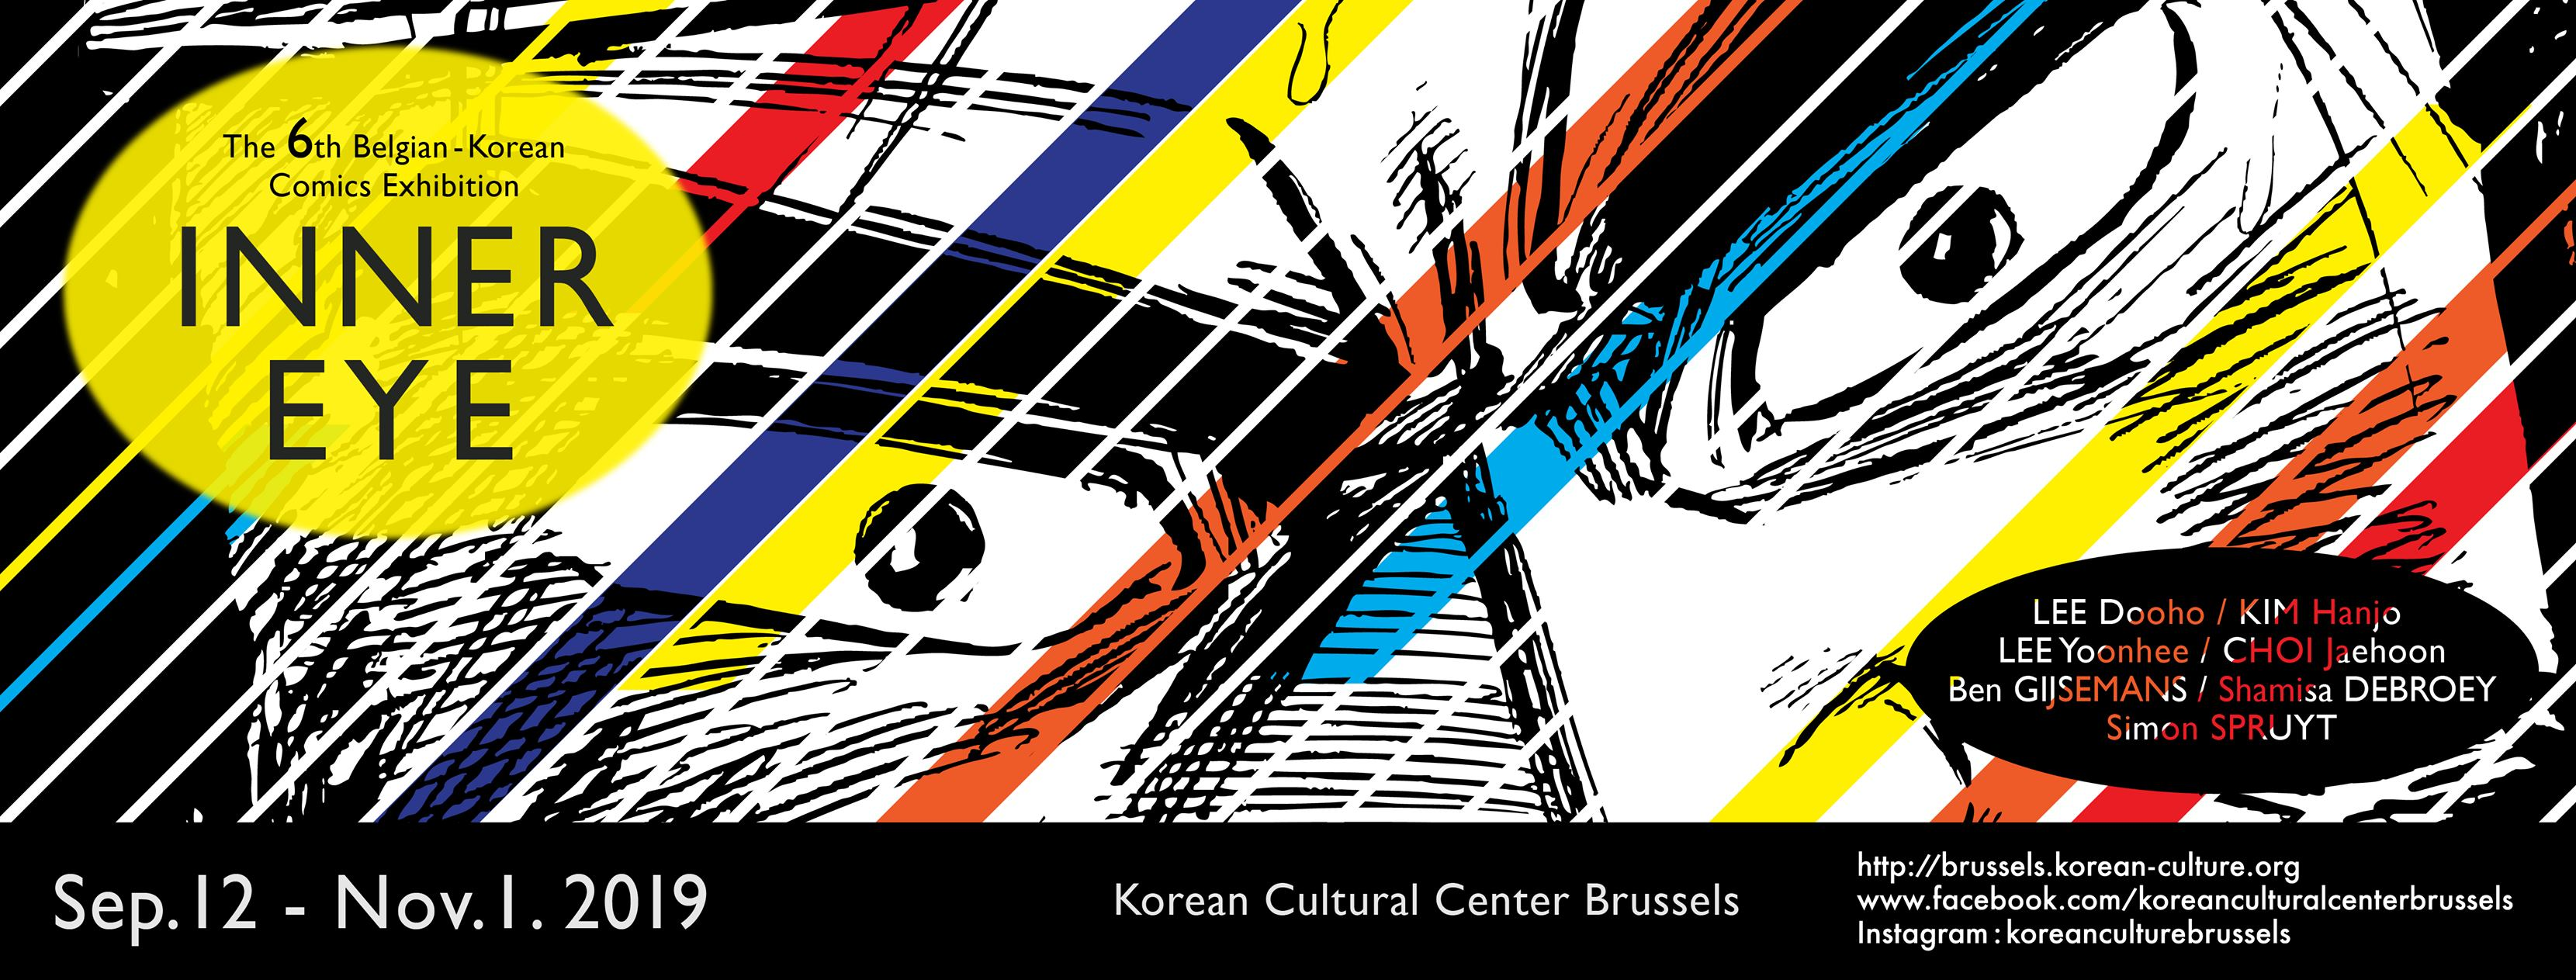 Poster_Korean_Brussels_Expo.jpg